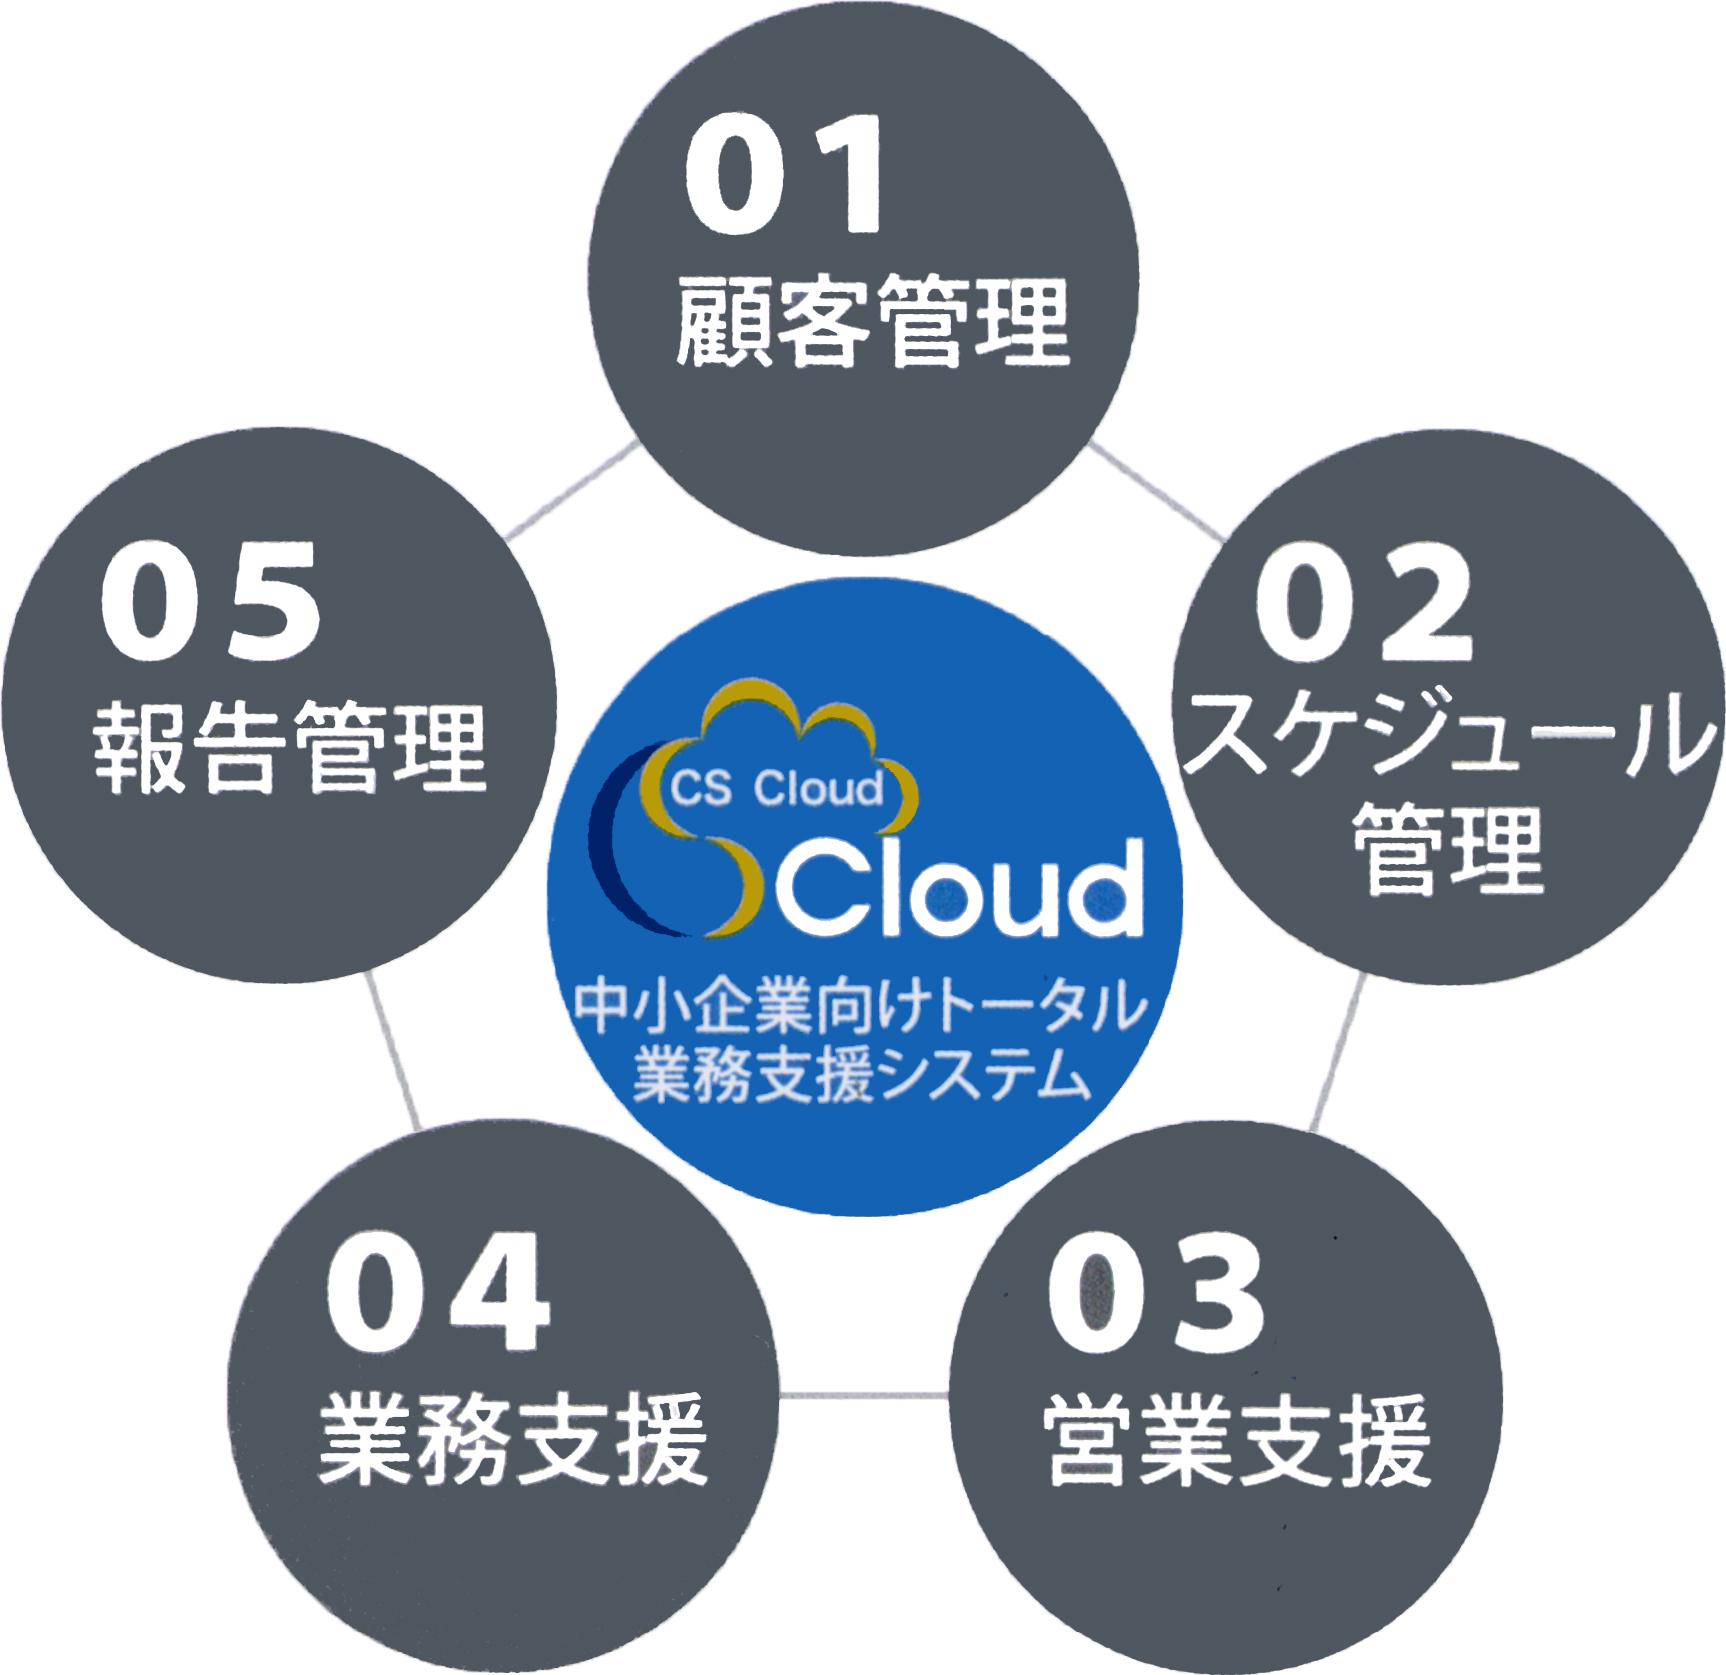 文尚堂のCS Cloudは、中小企業向けトータル業務支援システム